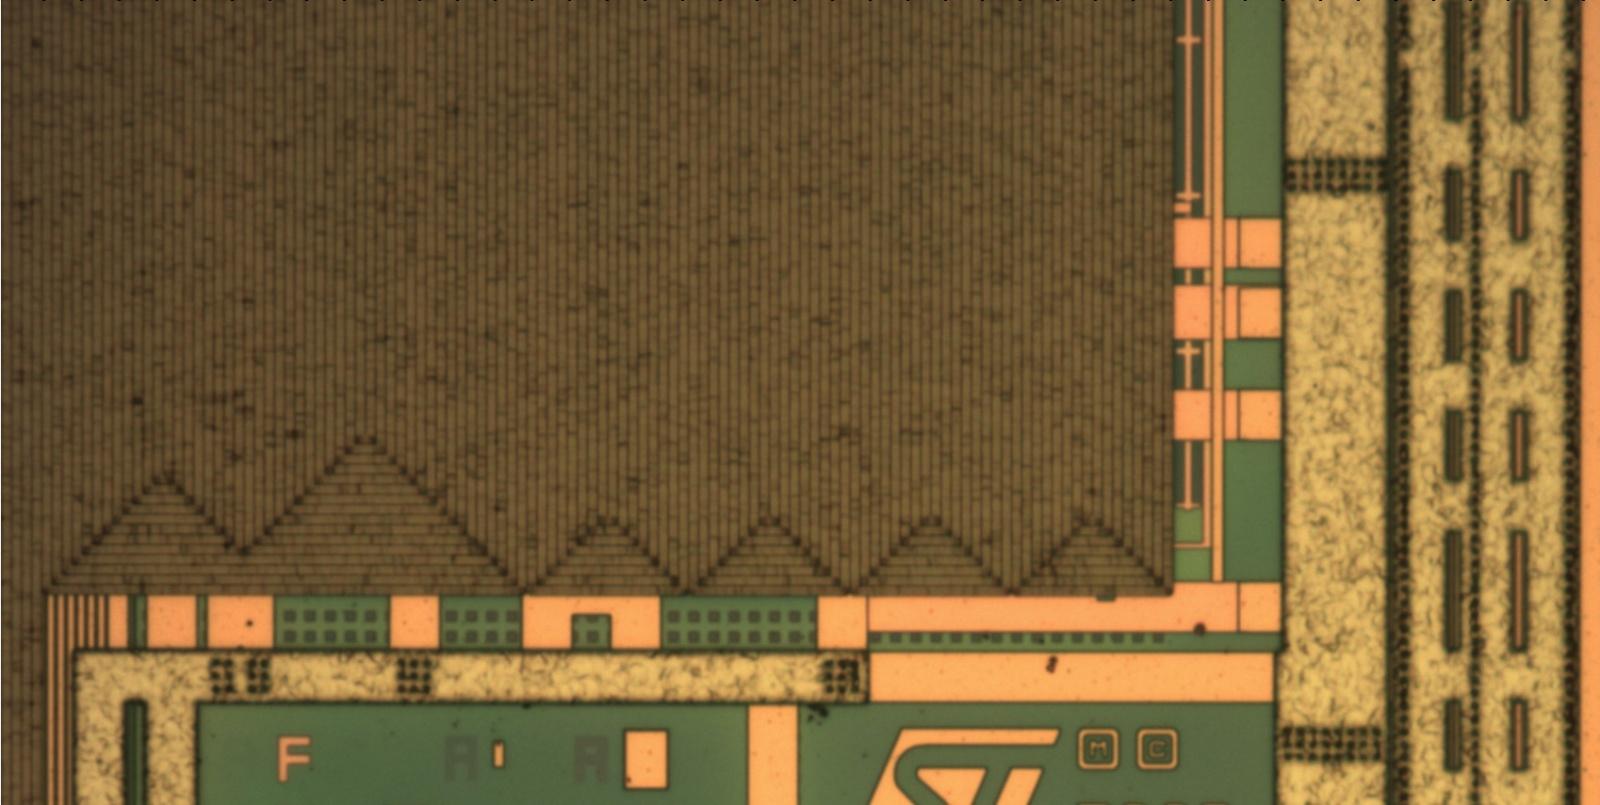 Отечественный микроконтроллер К1986ВК025 на базе процессорного ядра RISC-V для приборов учета электроэнергии - 7